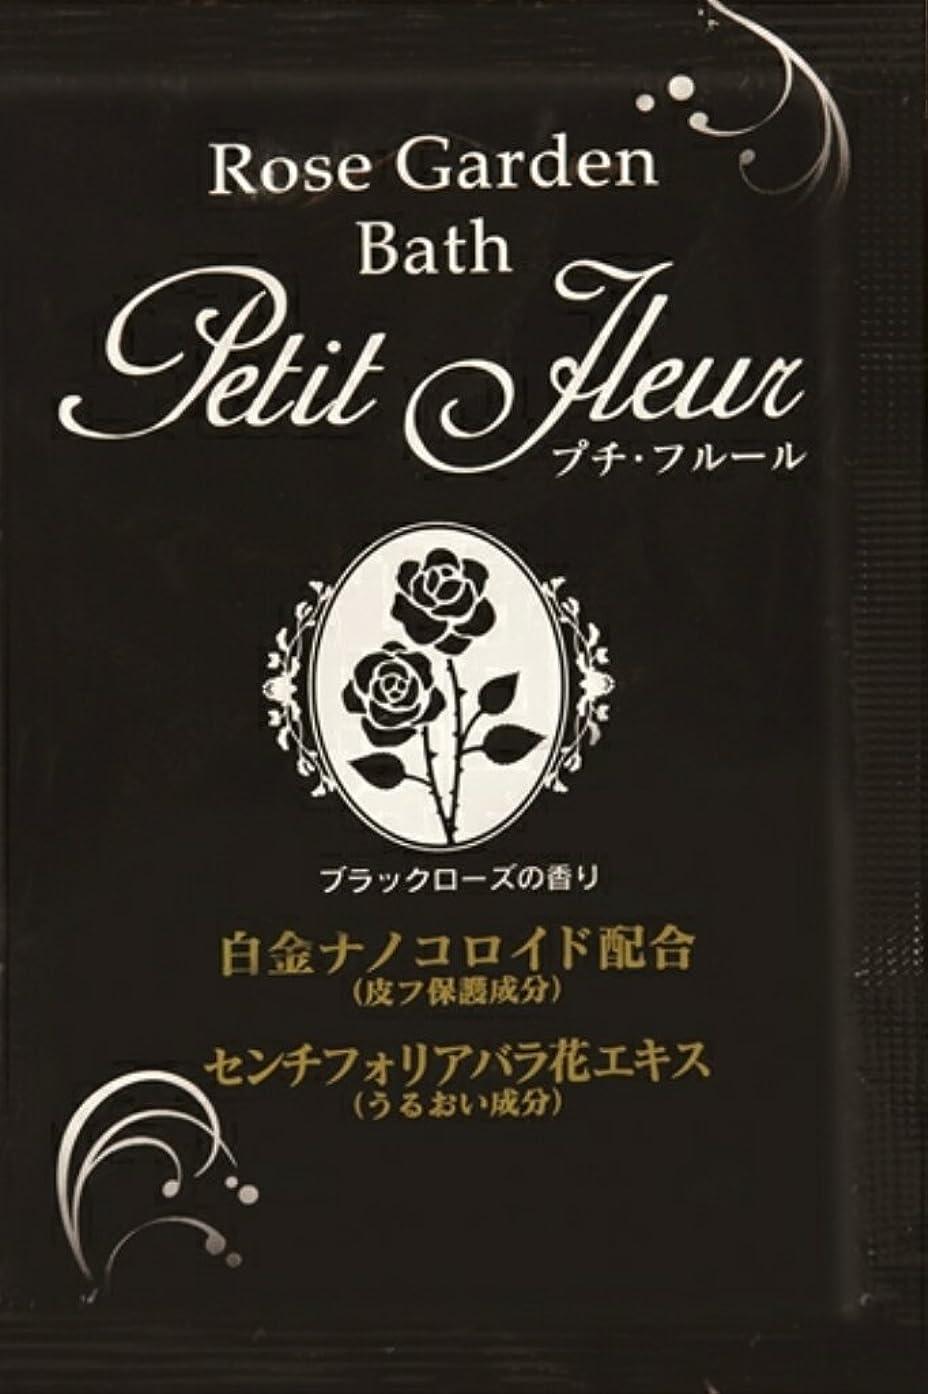 注入より良いラベンダー入浴剤 プチフル-ル(ブラックロ-ズの香り)20g